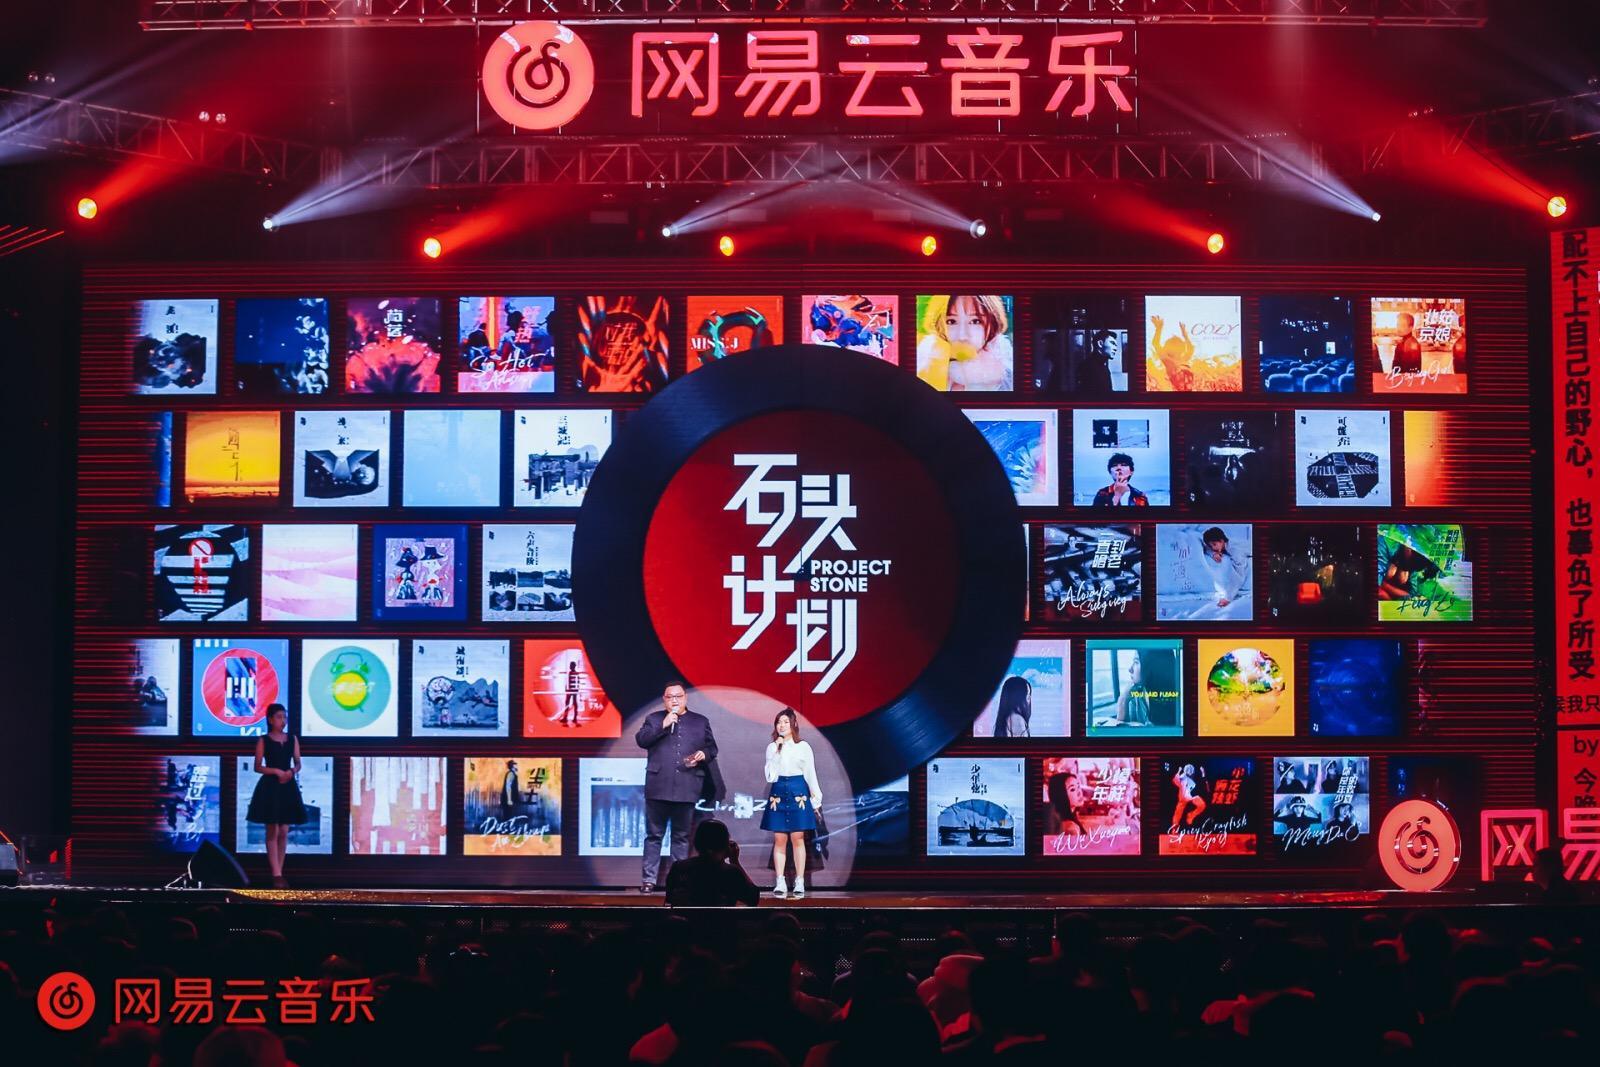 网易云音乐拟独立上市:3年累计亏损50亿元,规模远不及腾讯音乐